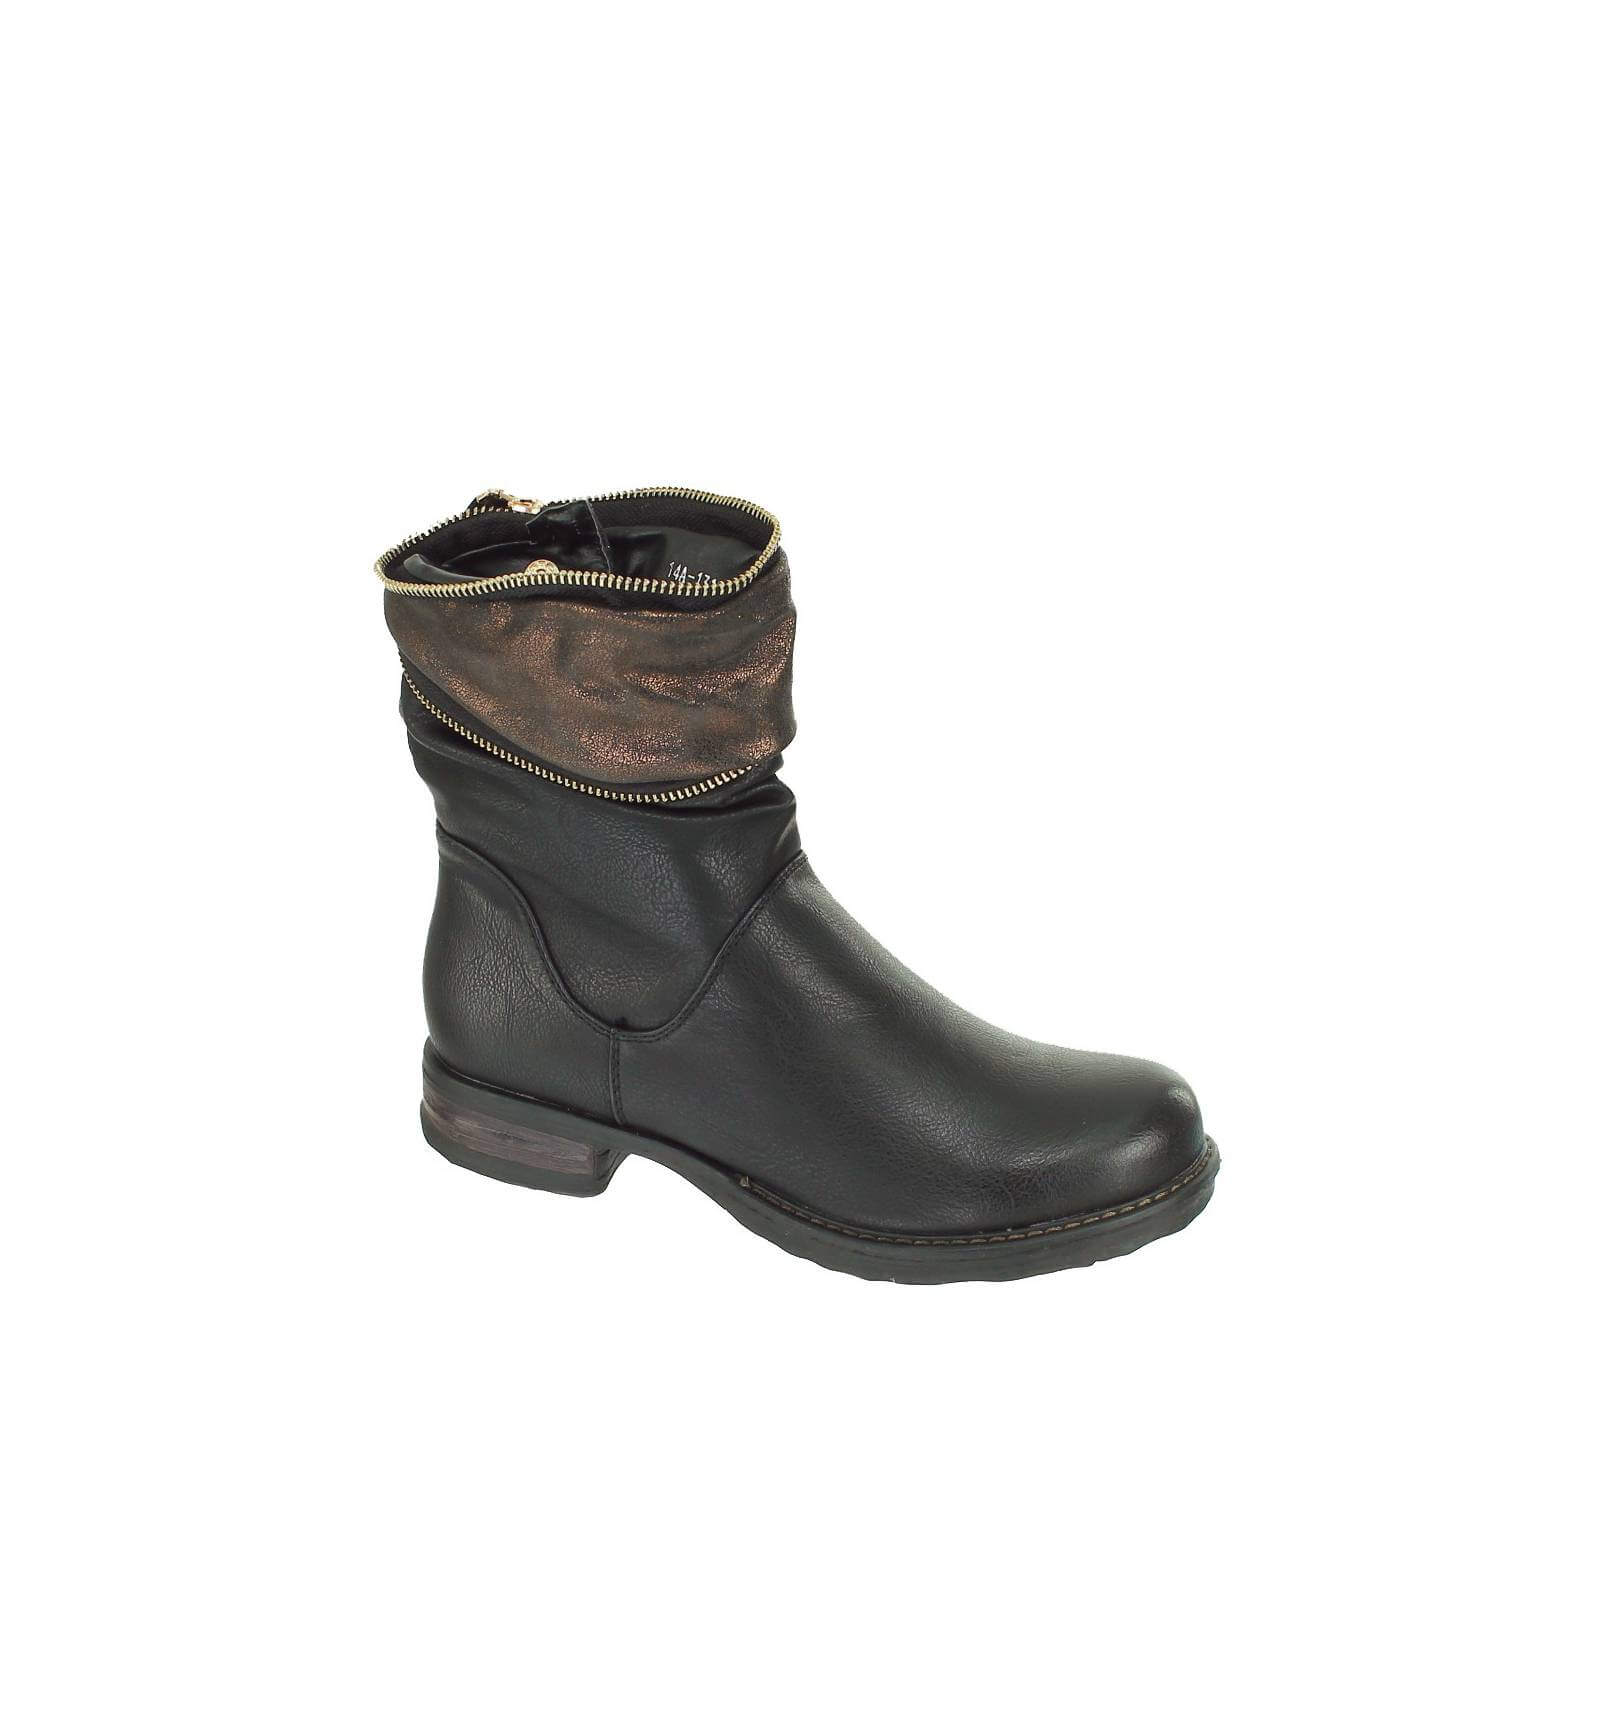 bottine femme simili cuir noir avec zip couleur bronze modèle